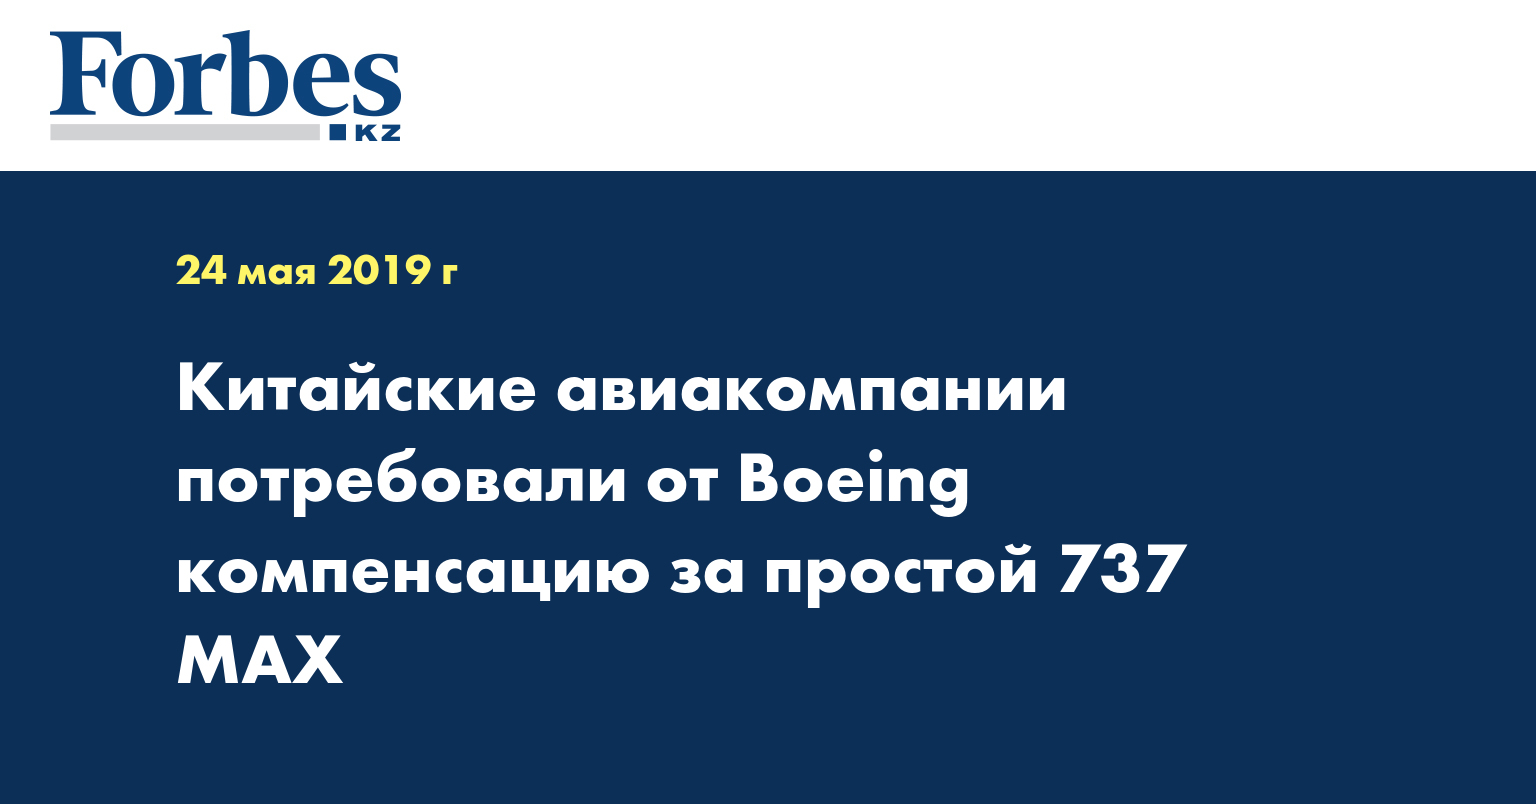 Китайские авиакомпании потребовали от Boeing компенсацию за простой 737 MAX